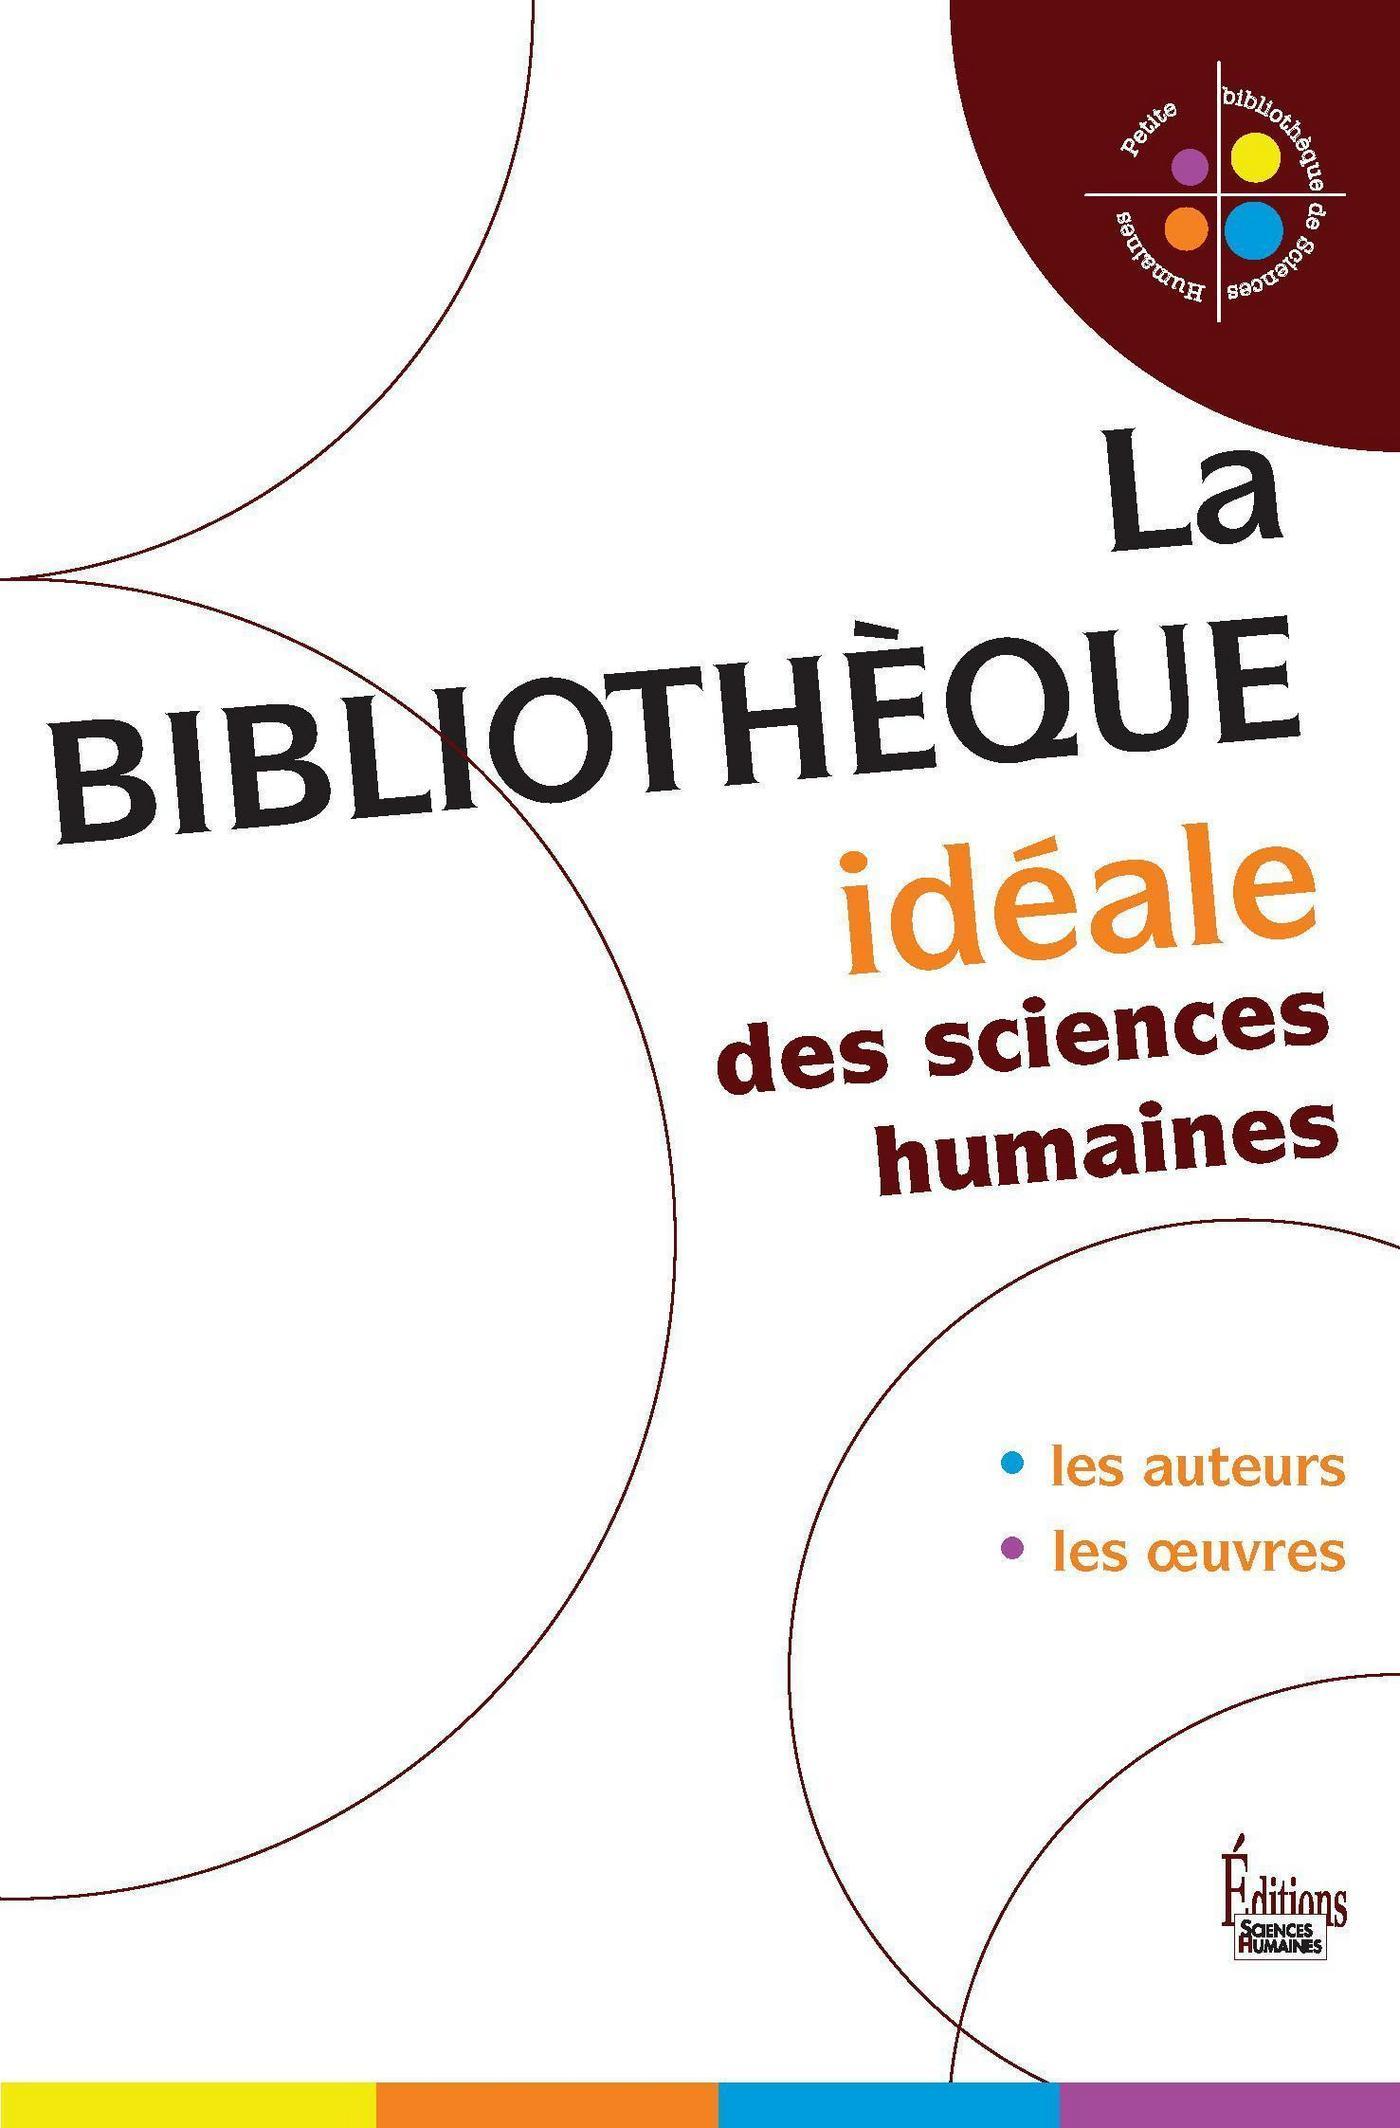 Bibliothèque idéale des Sciences Humaines